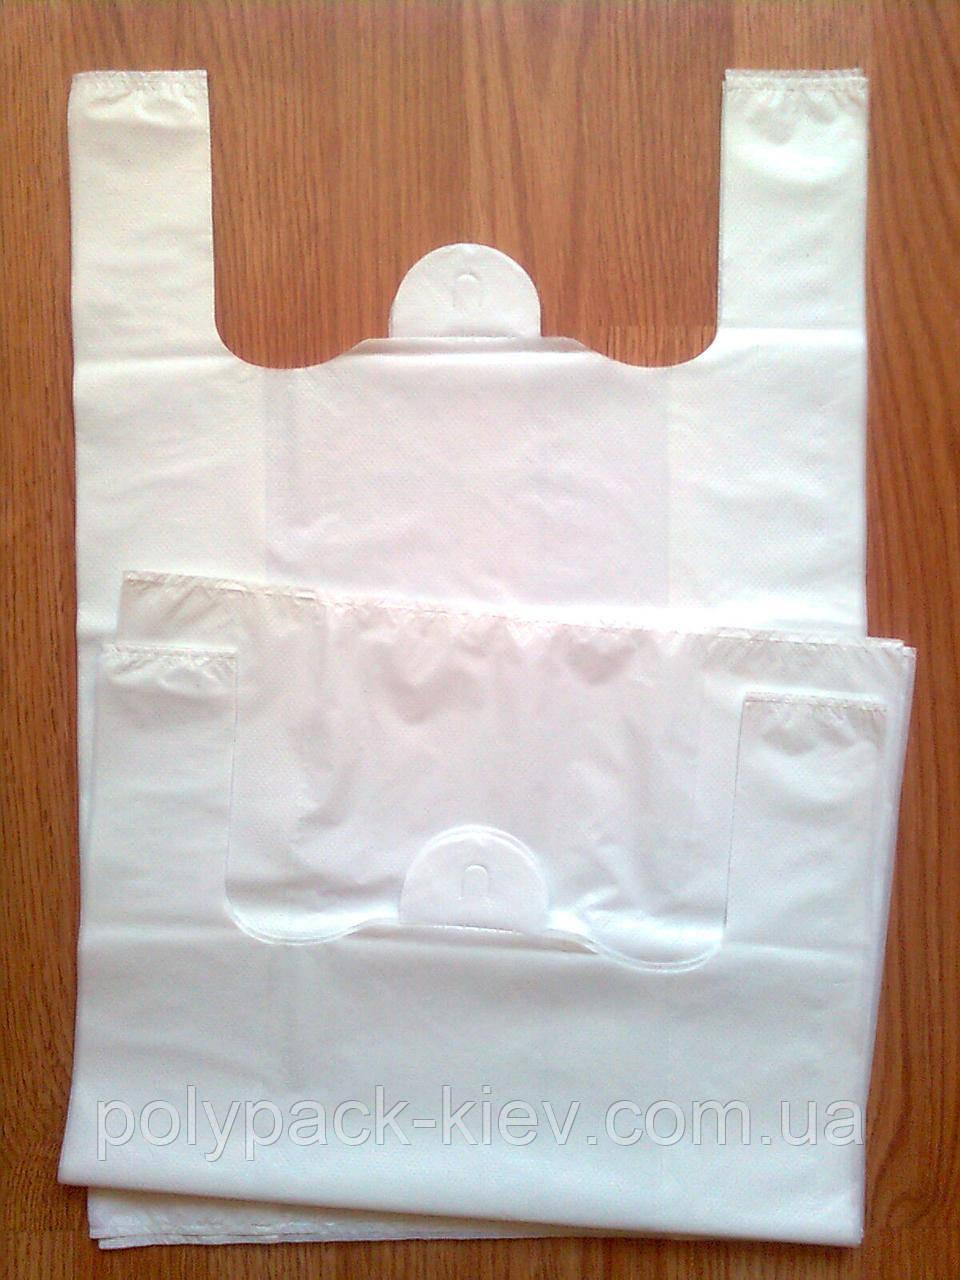 Плотные белые пакеты 38*57 см/45 мкм без печати, белый пакет майка без логотипа купить от производителя